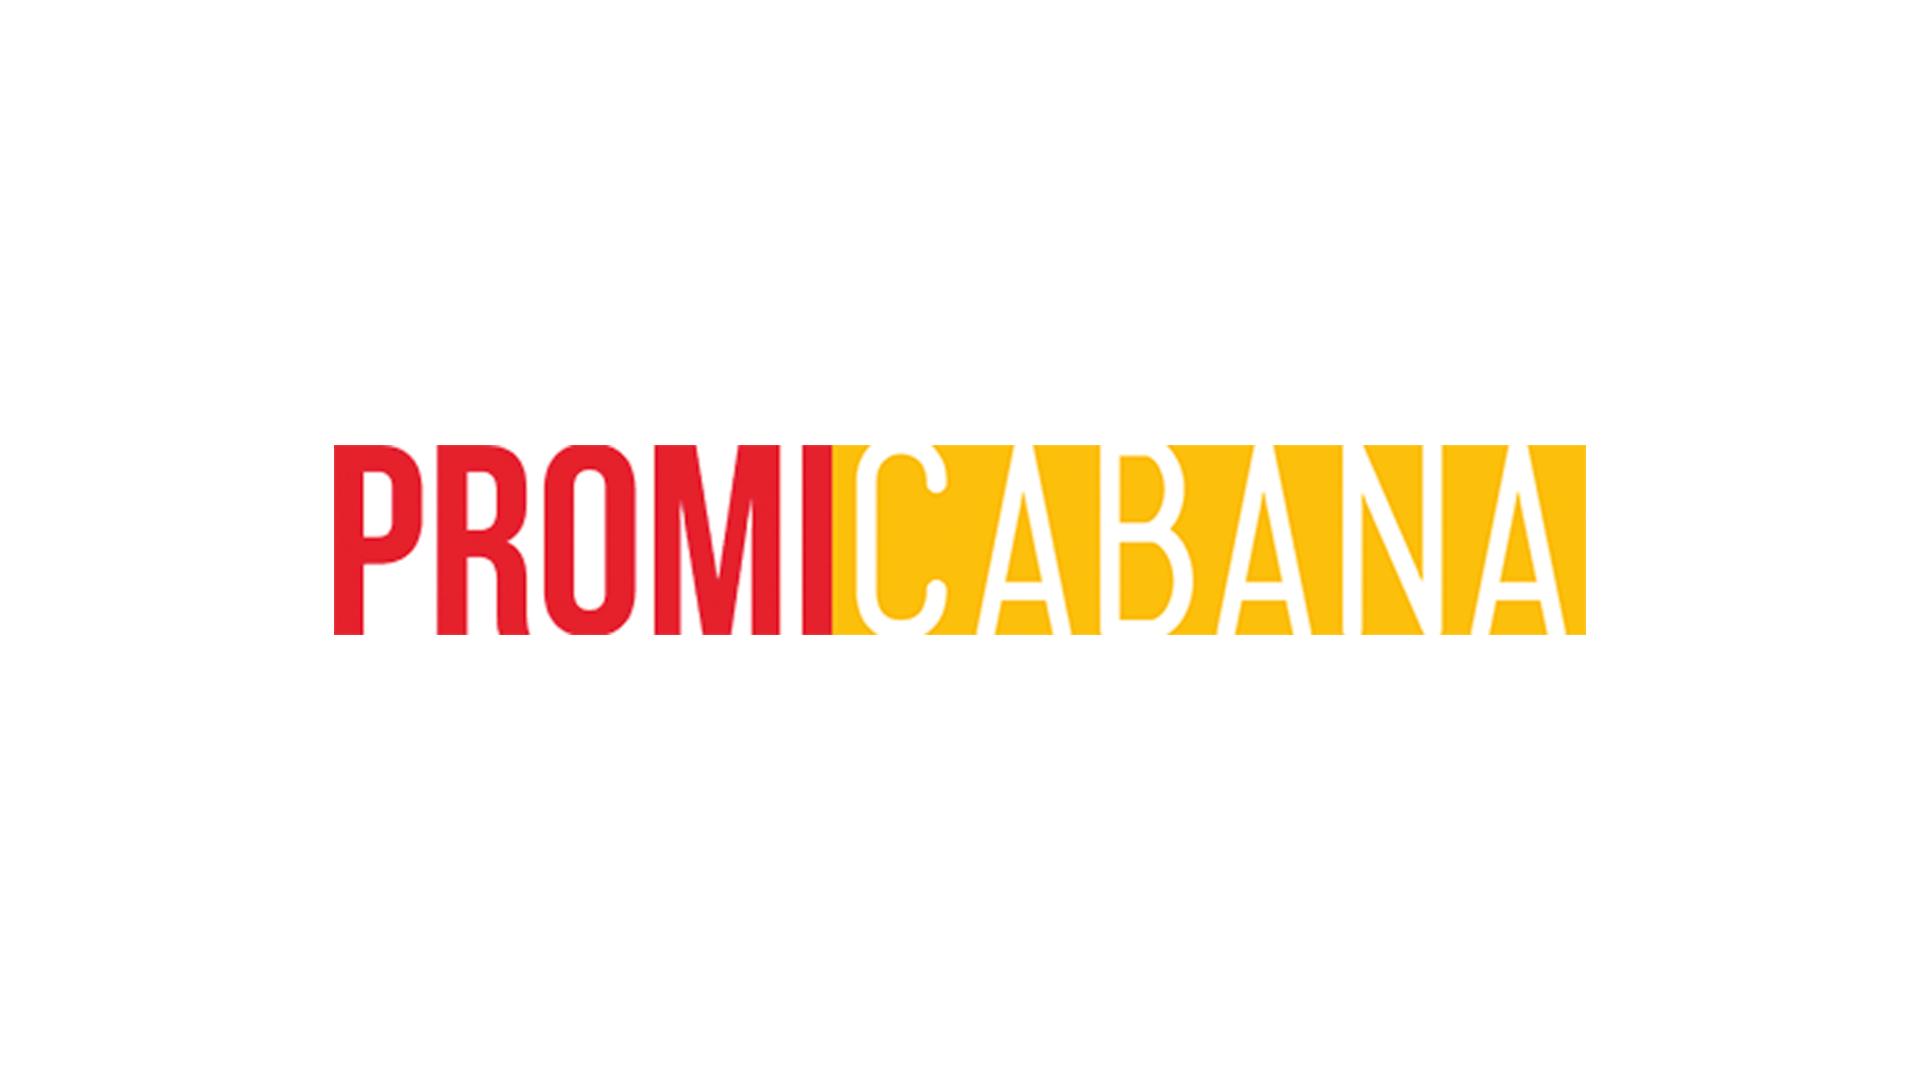 Victoria-Beckham-James-Corden-Carpool-Karaoke-Mannequin